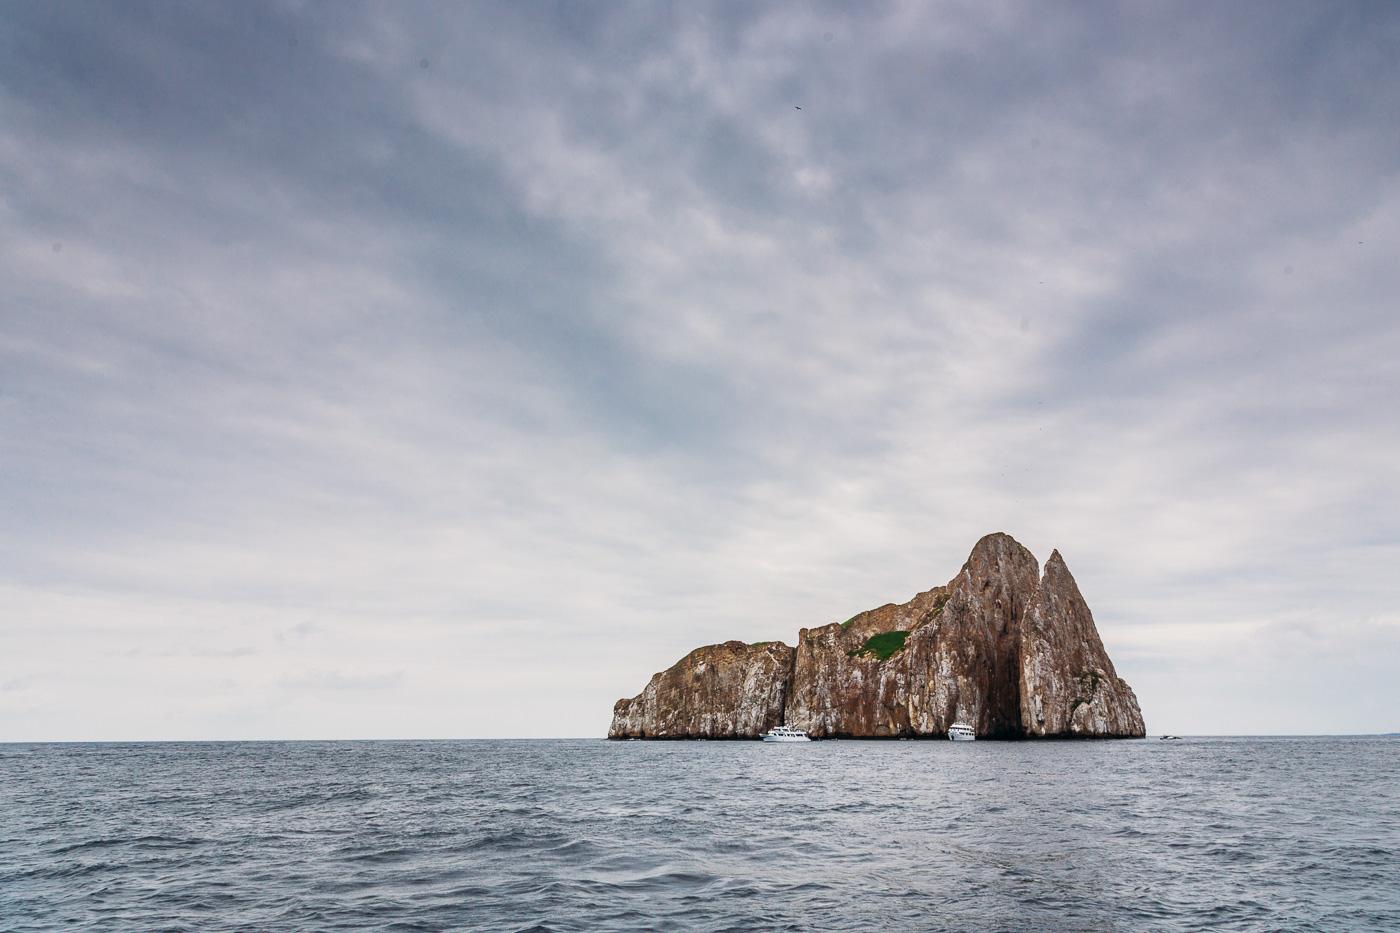 Galapagos - Leon Dormino (Kicker Rock) (37 of 61) June 15